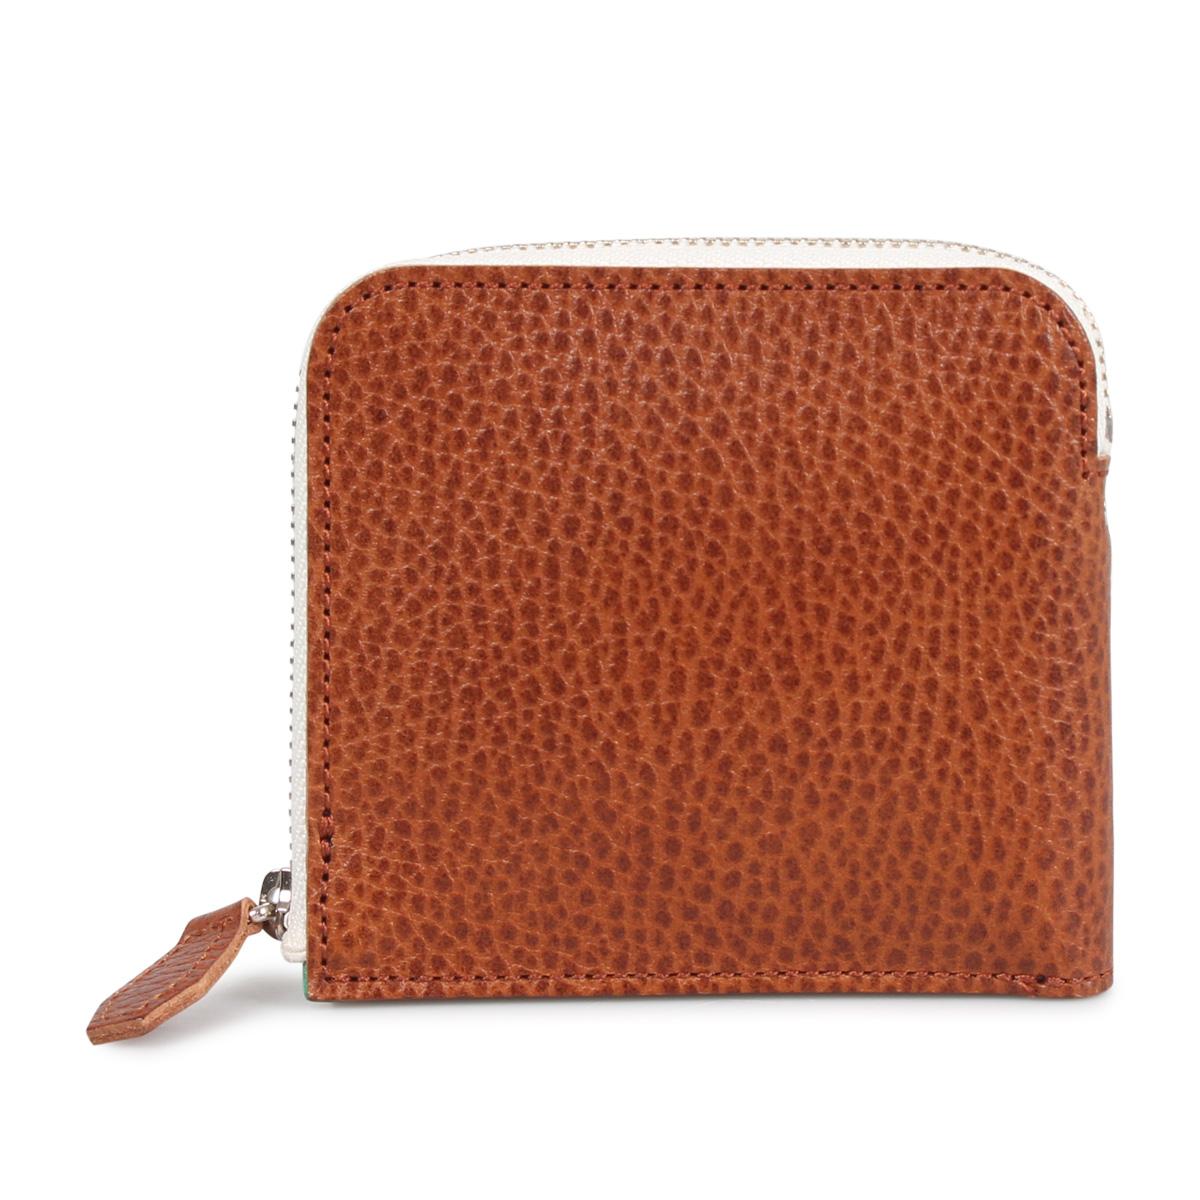 com-ono WALLET コモノ 財布 ミニ財布 メンズ ブラック ネイビー ブラウン オレンジ 黒 SLIM-002